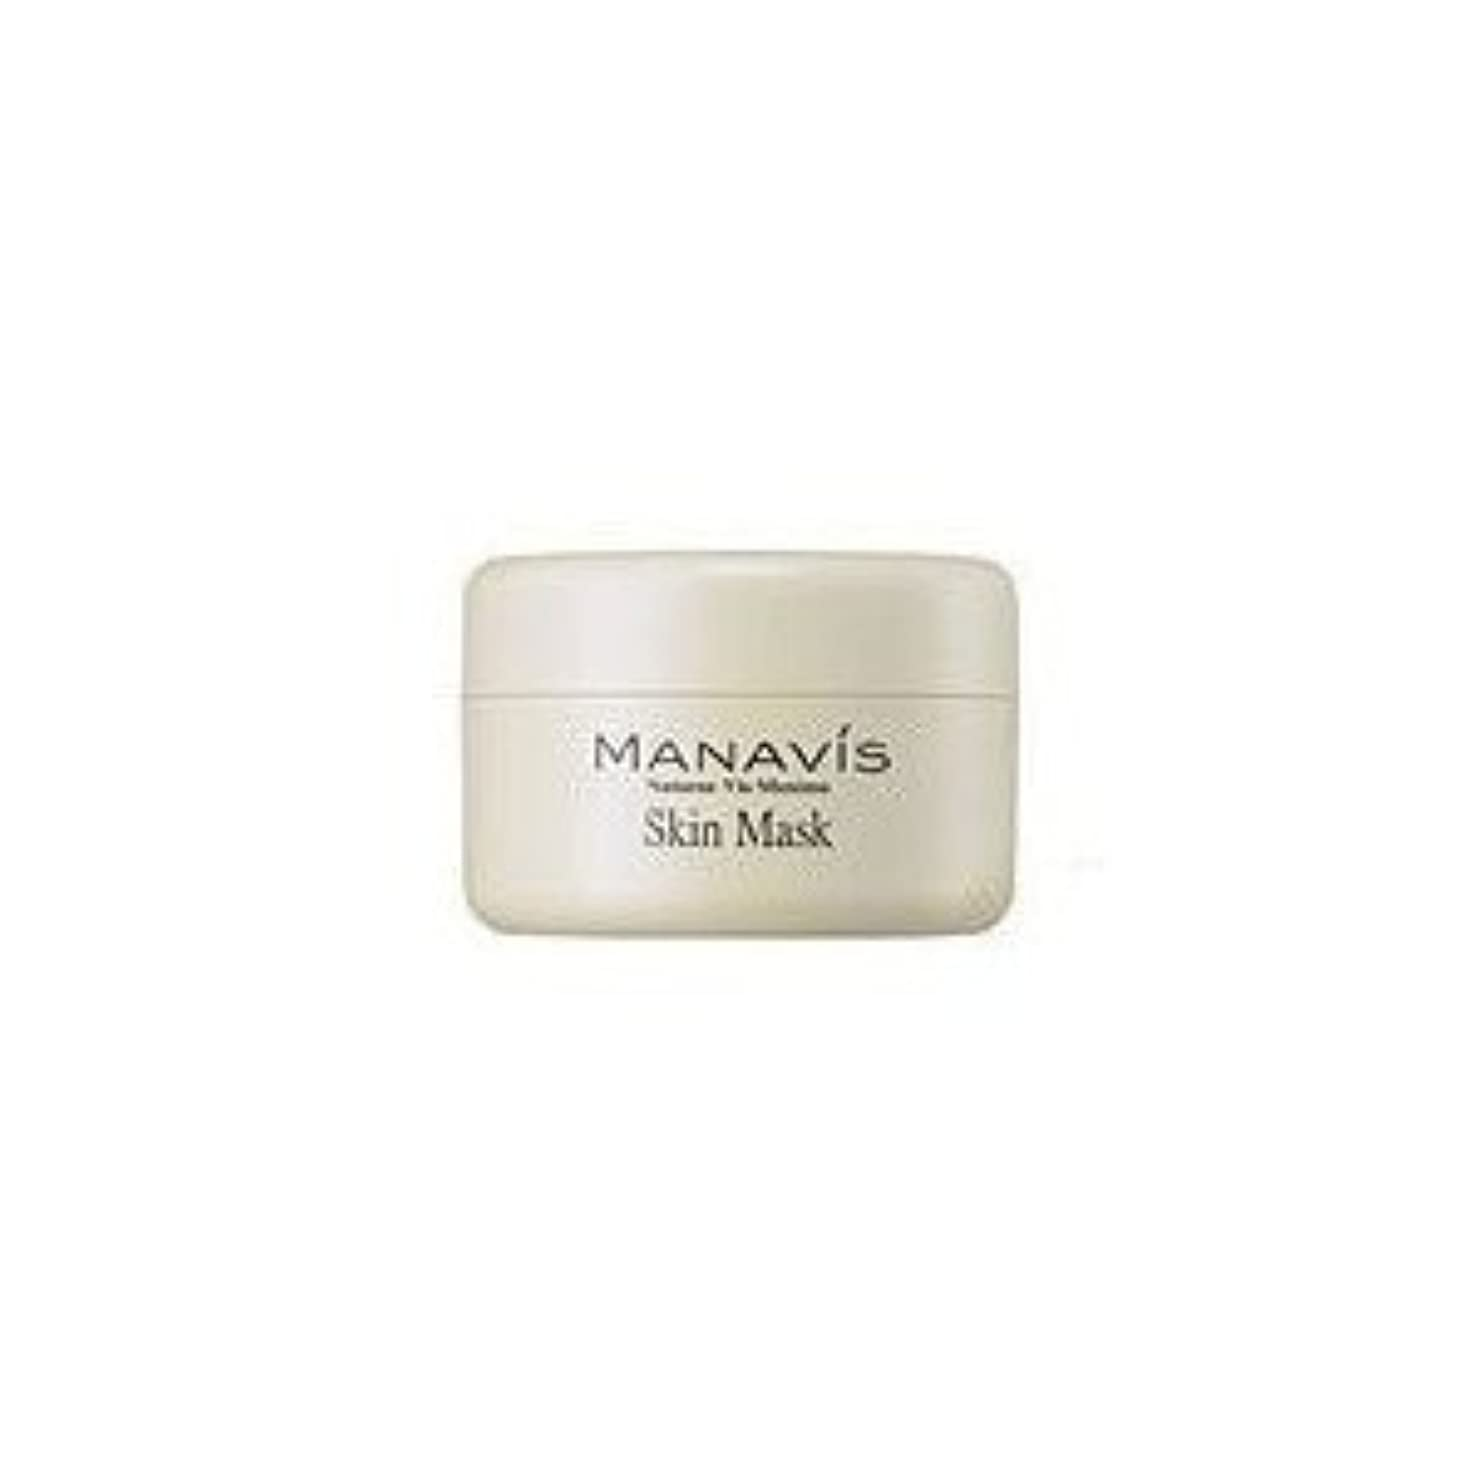 望遠鏡成り立つ最後のMANAVIS マナビス化粧品 薬用スキンマスク